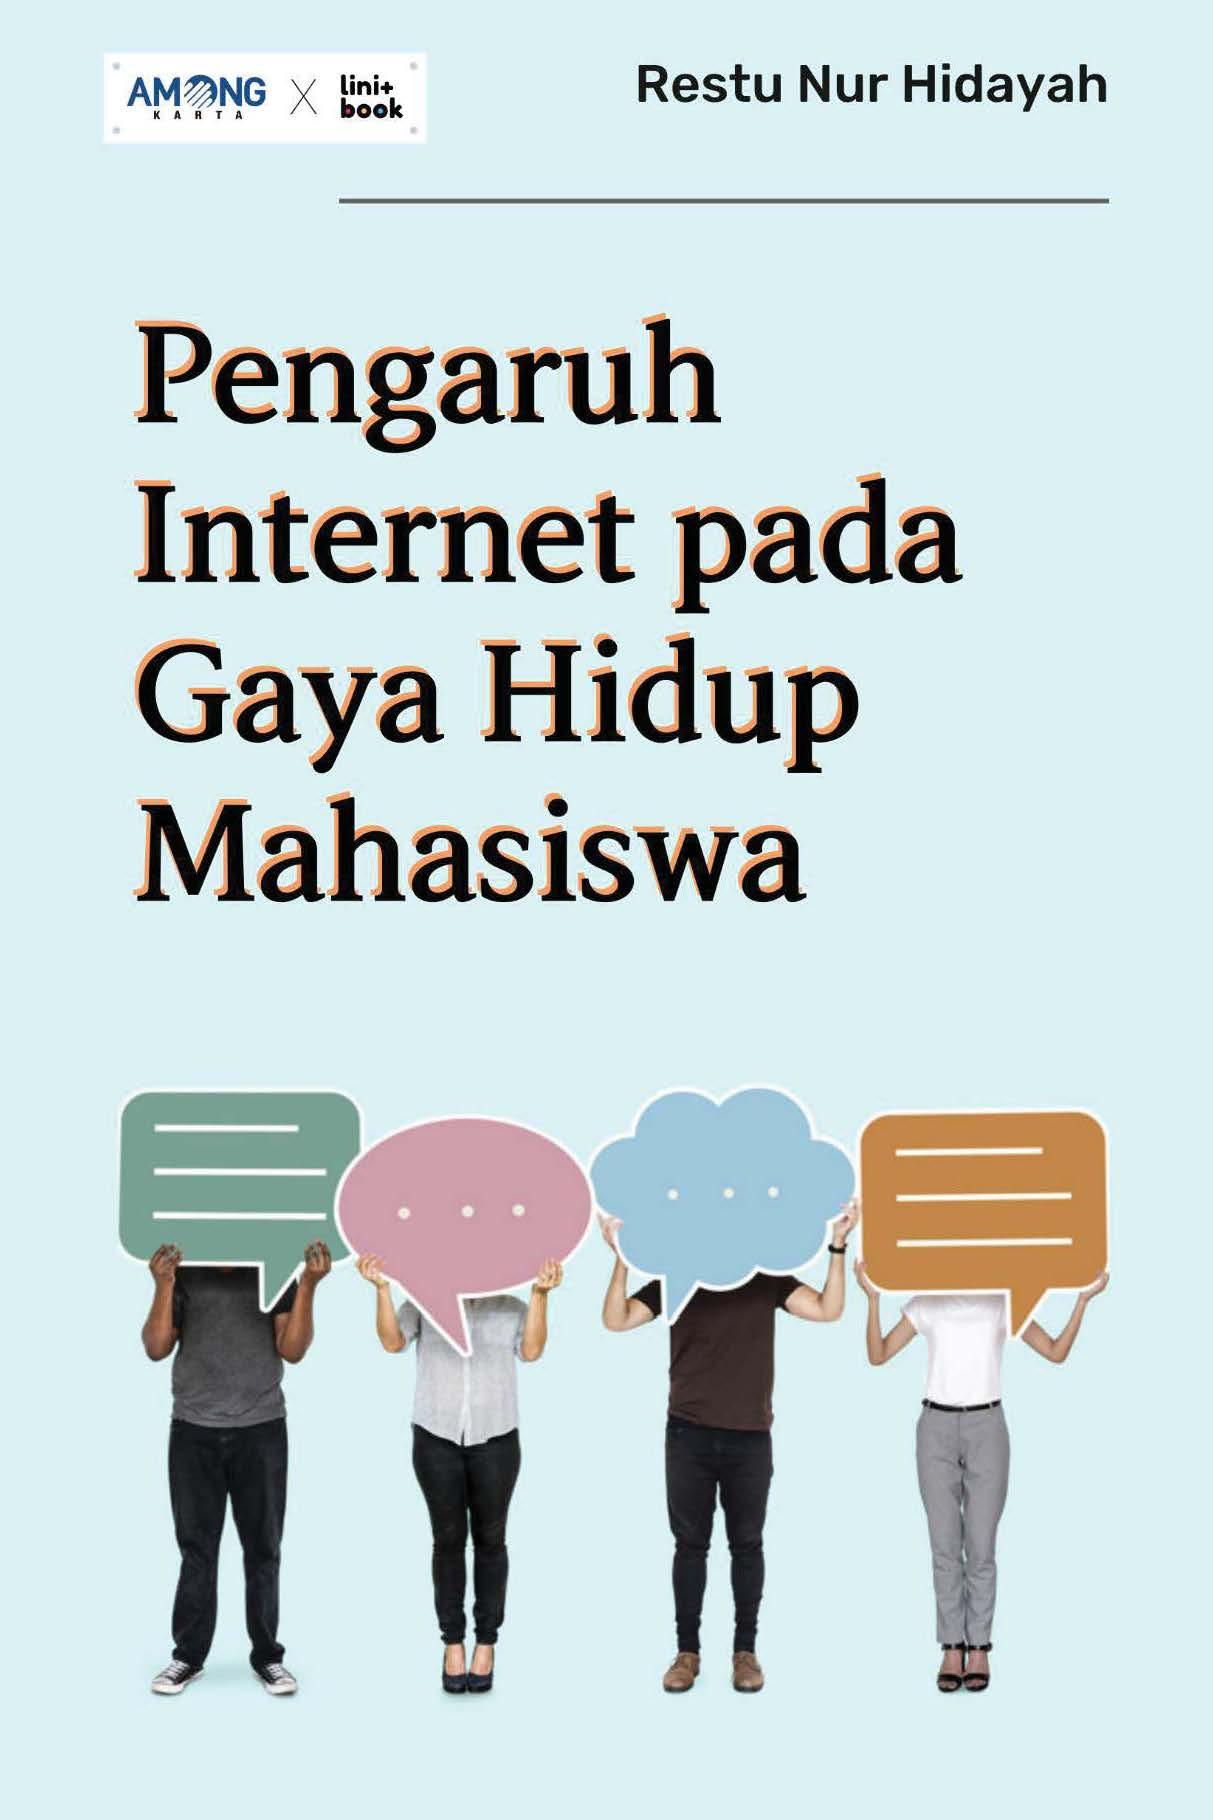 Pengaruh internet pada gaya hidup mahasiswa [sumber elektronis]